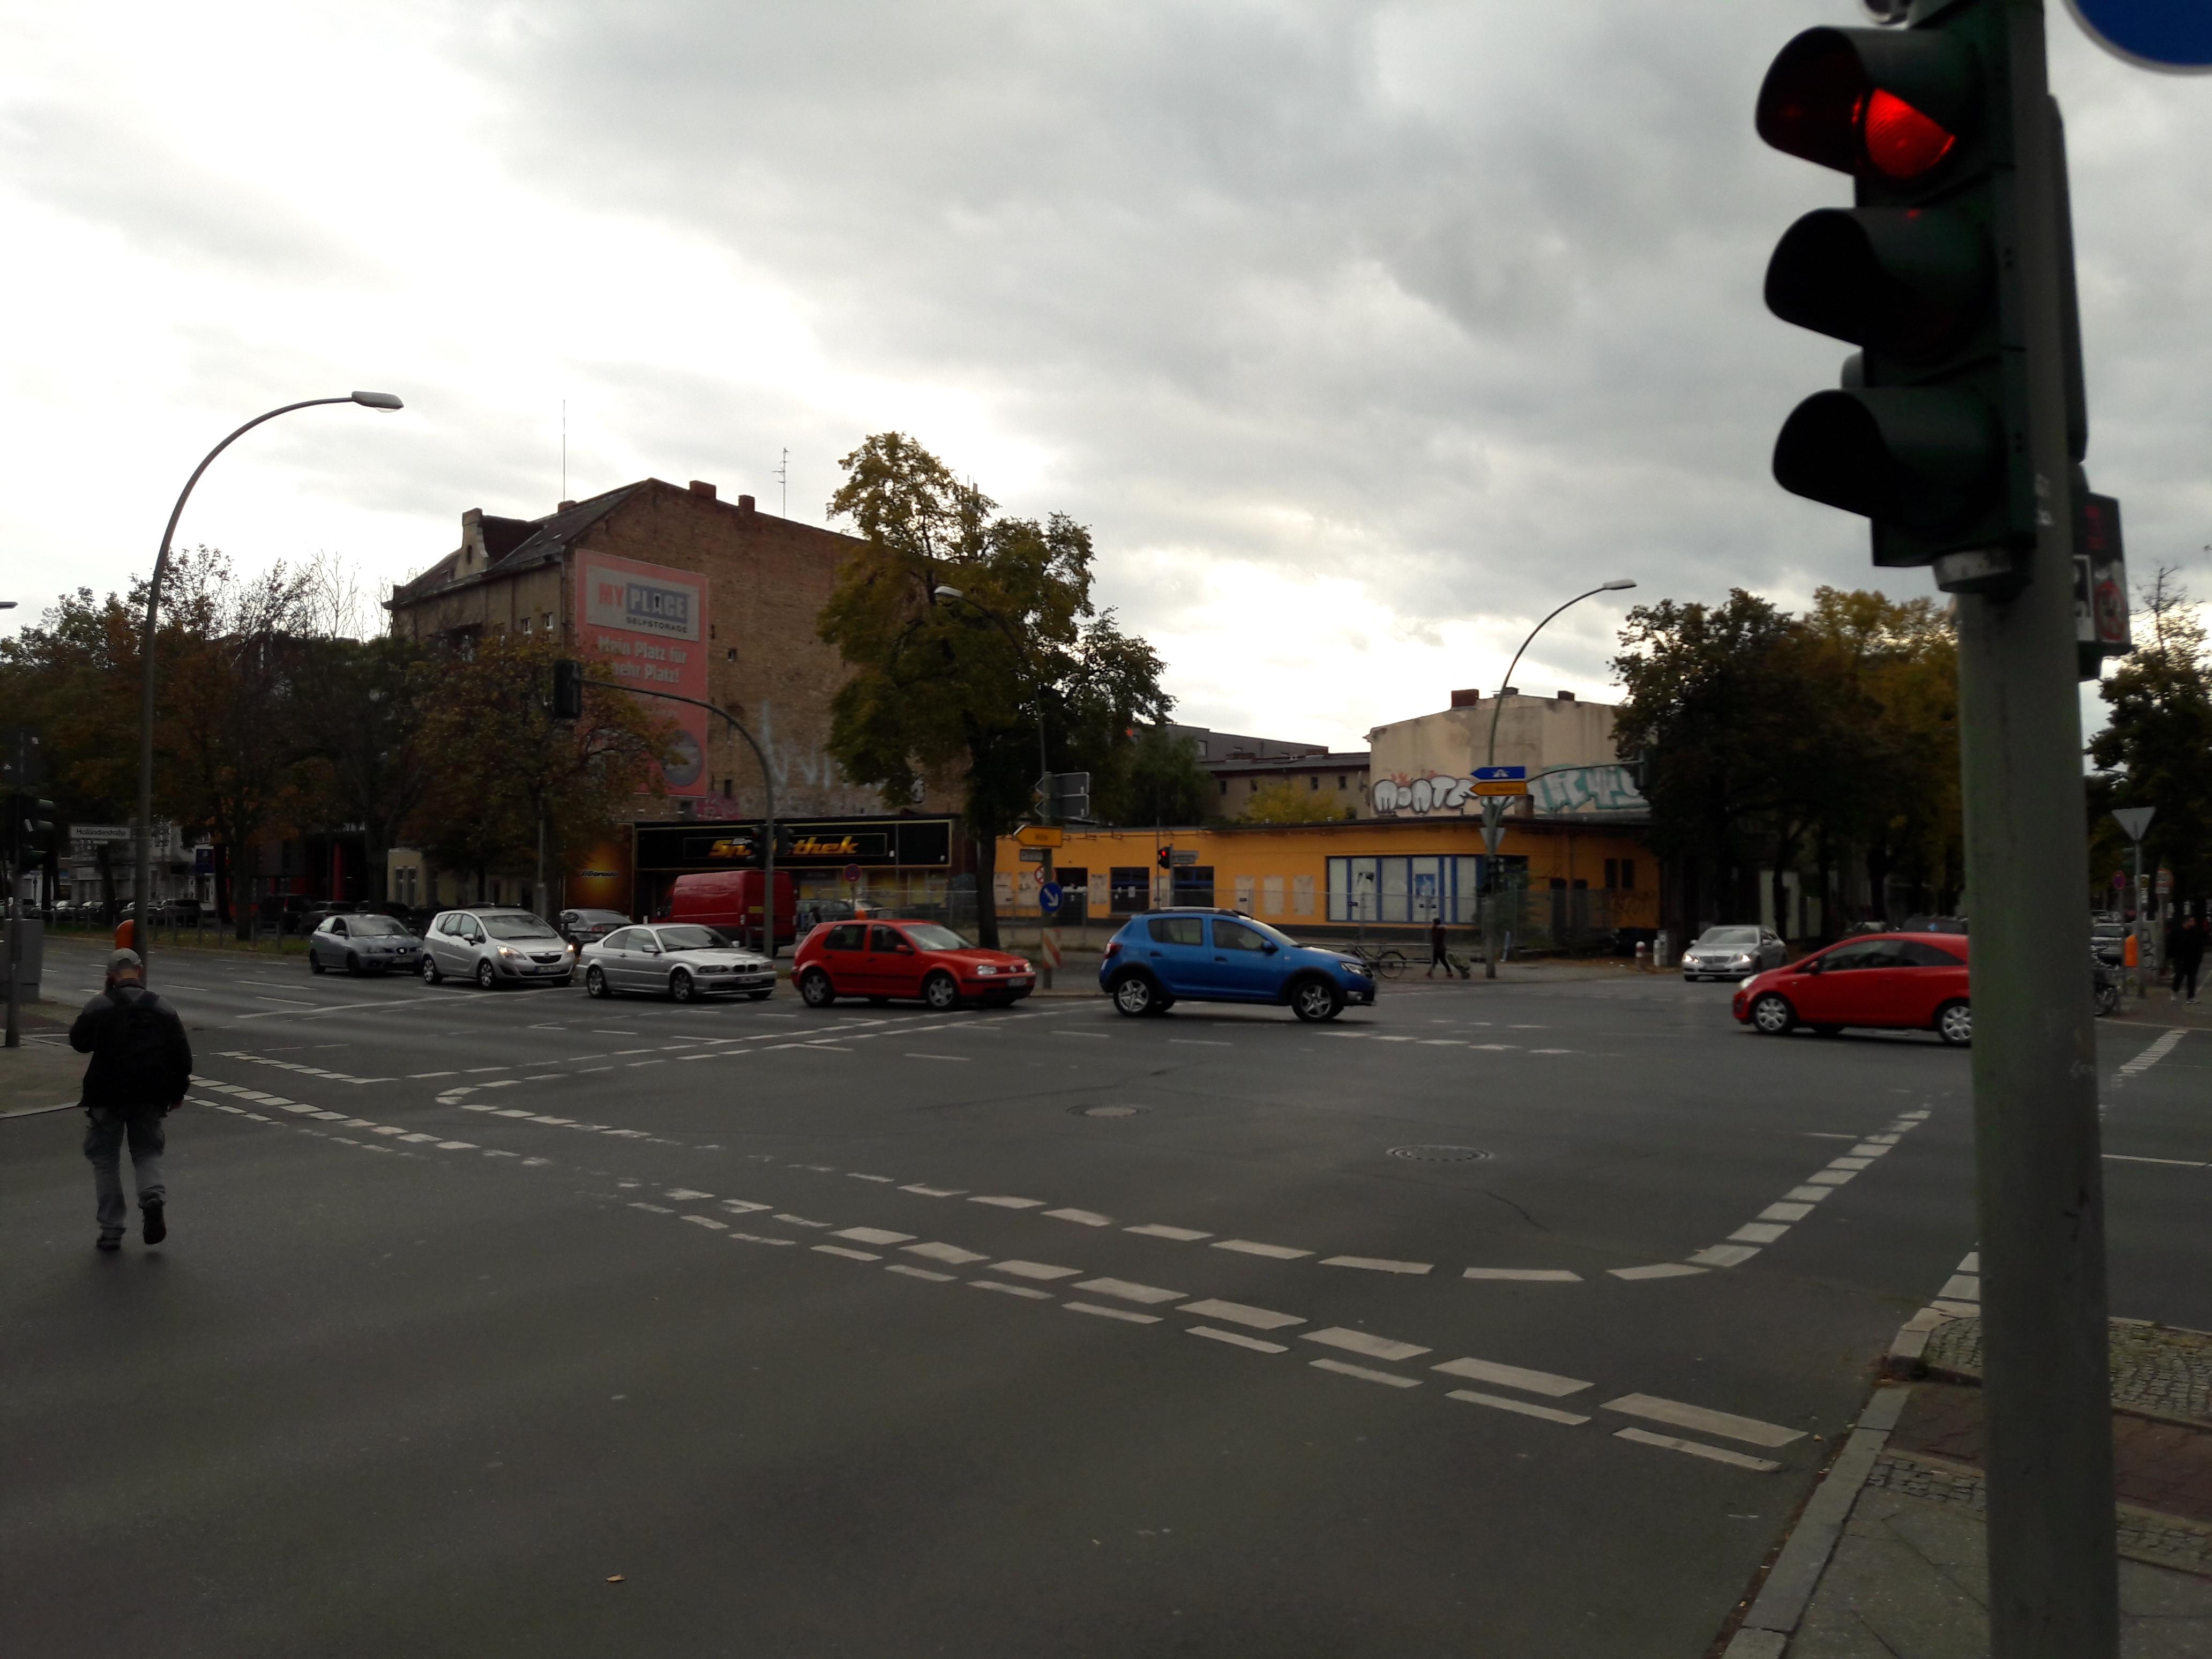 Markstrasse-Brache-Reinickendorf.jpg